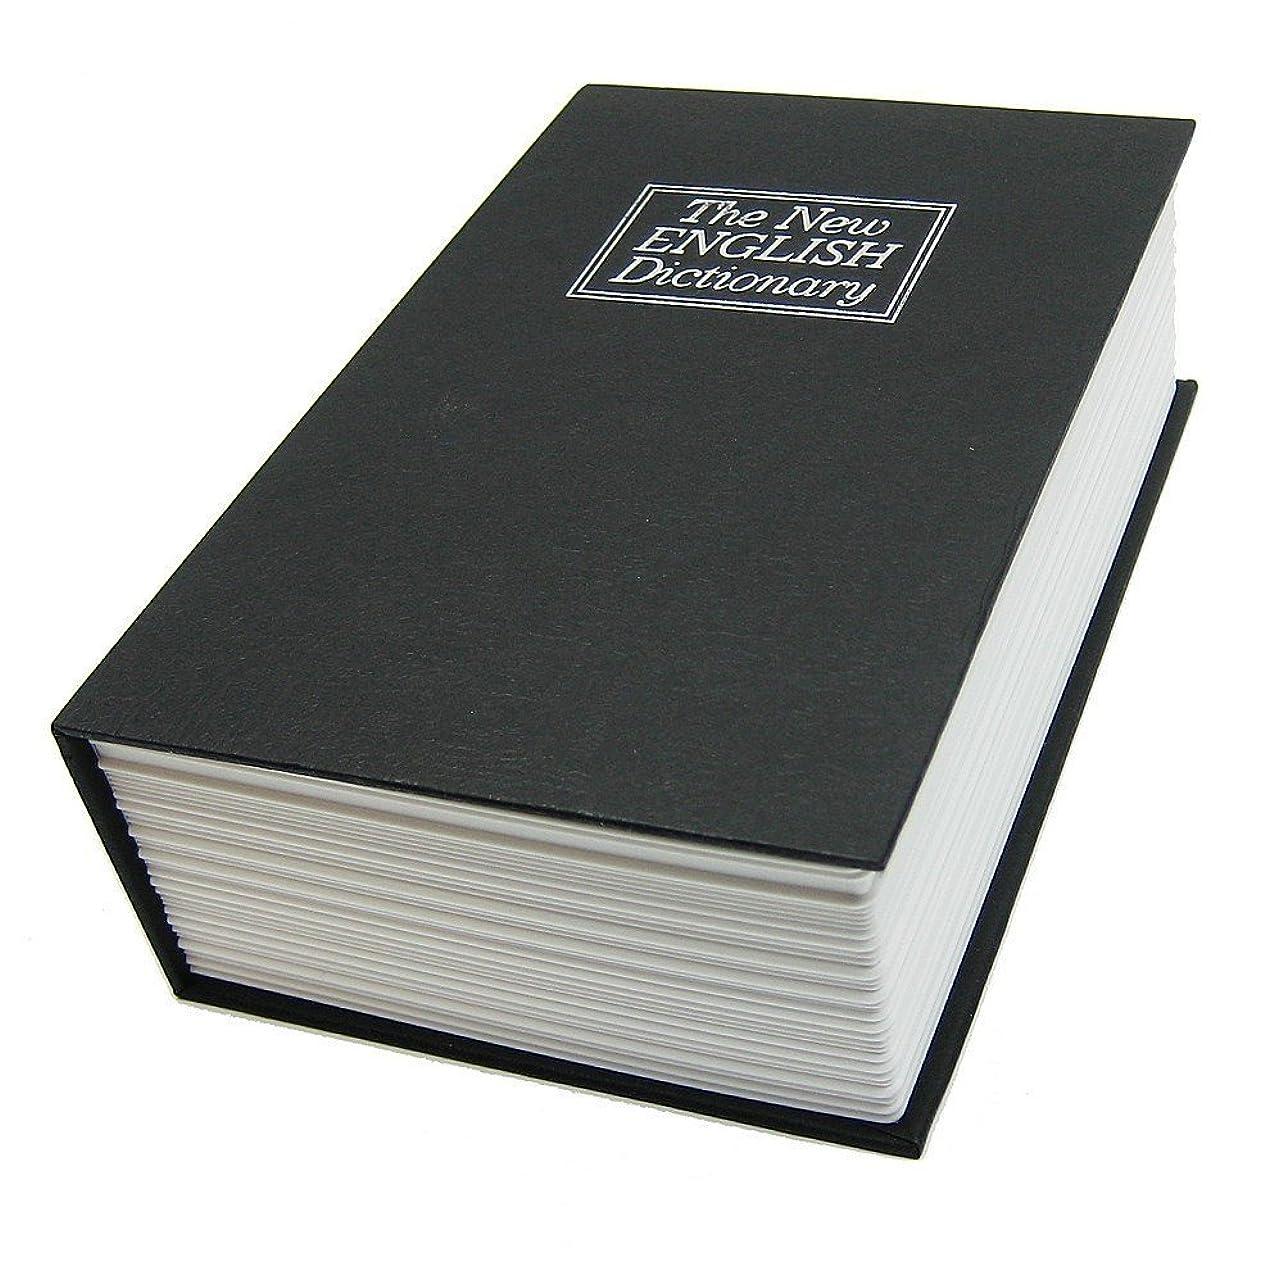 悲しい割れ目幻滅するWHOLENESS HOMEスチール製辞書型金庫 ロック付きの隠し金庫 - 最もリアルな本の形をした金庫 - 貴重品を分かりやすい場所に隠しましょう!泥棒を排除しましょう!ご自宅、ボート、キャンピンクカーに。